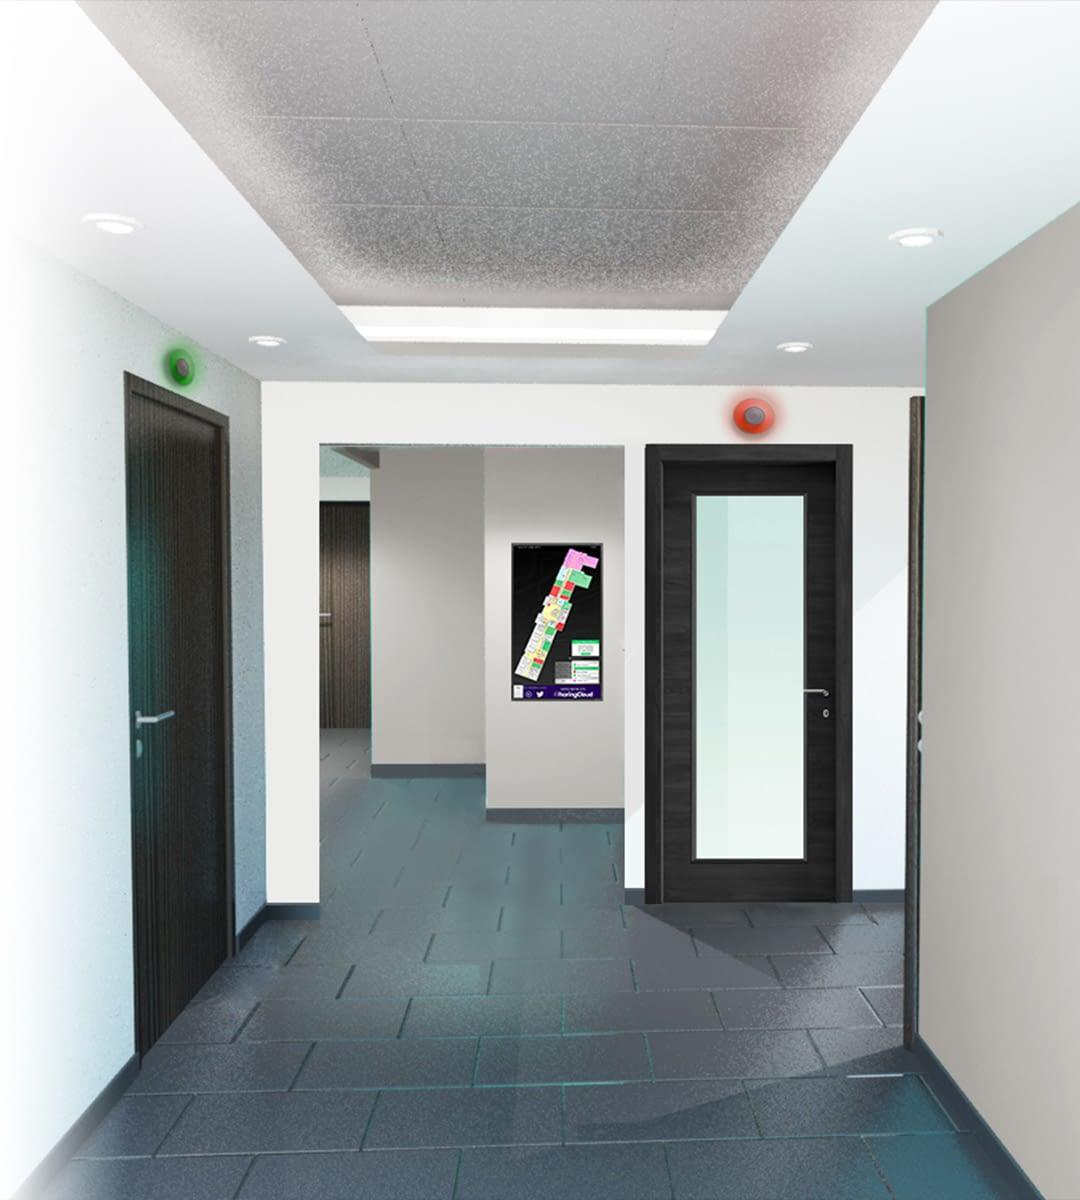 Services aux occupants - Services de design d'intérieur